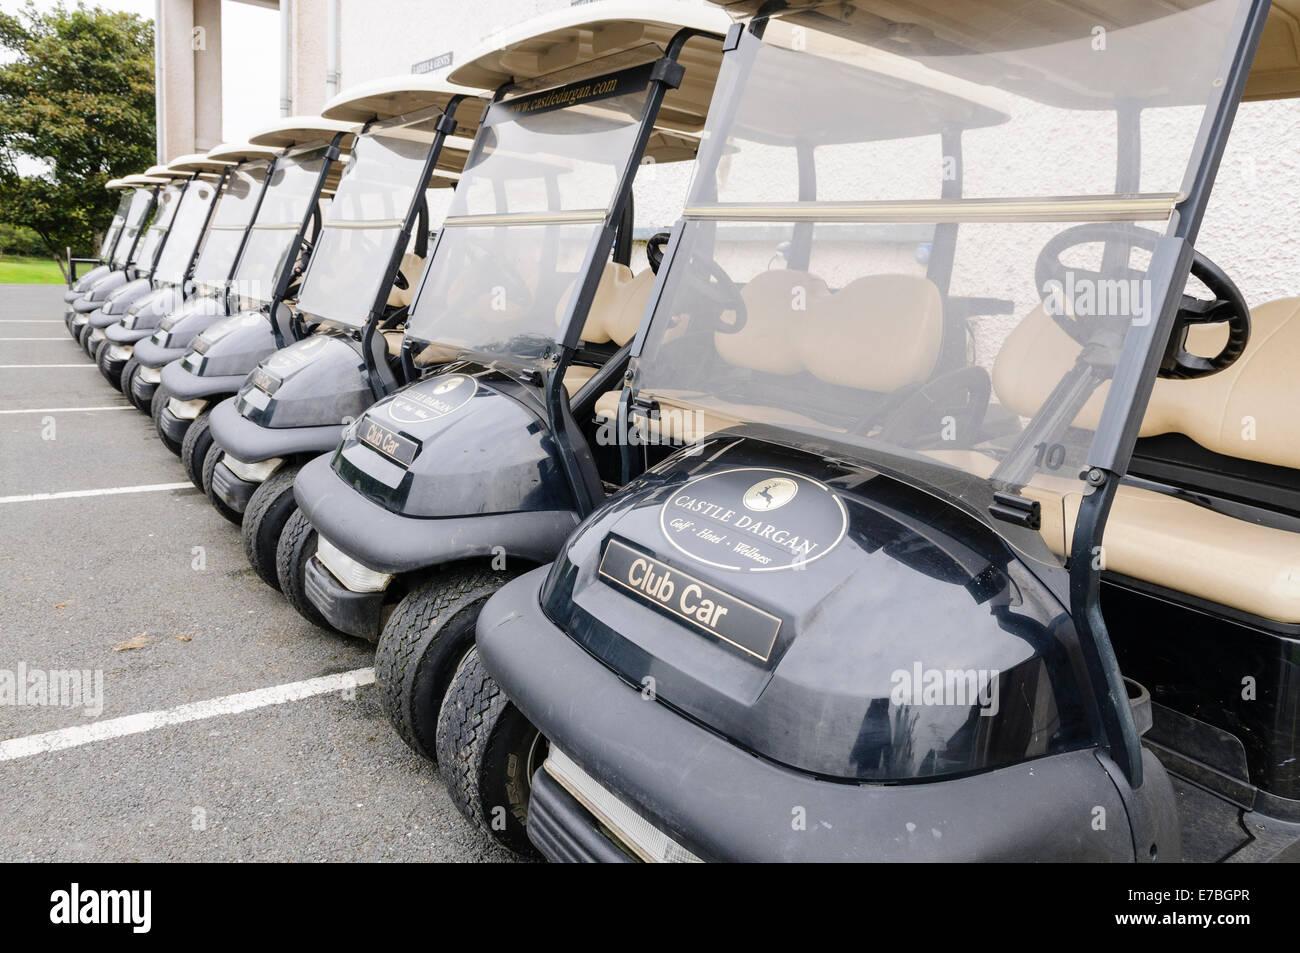 Key West Conch Cruiser Golf Cart Html on